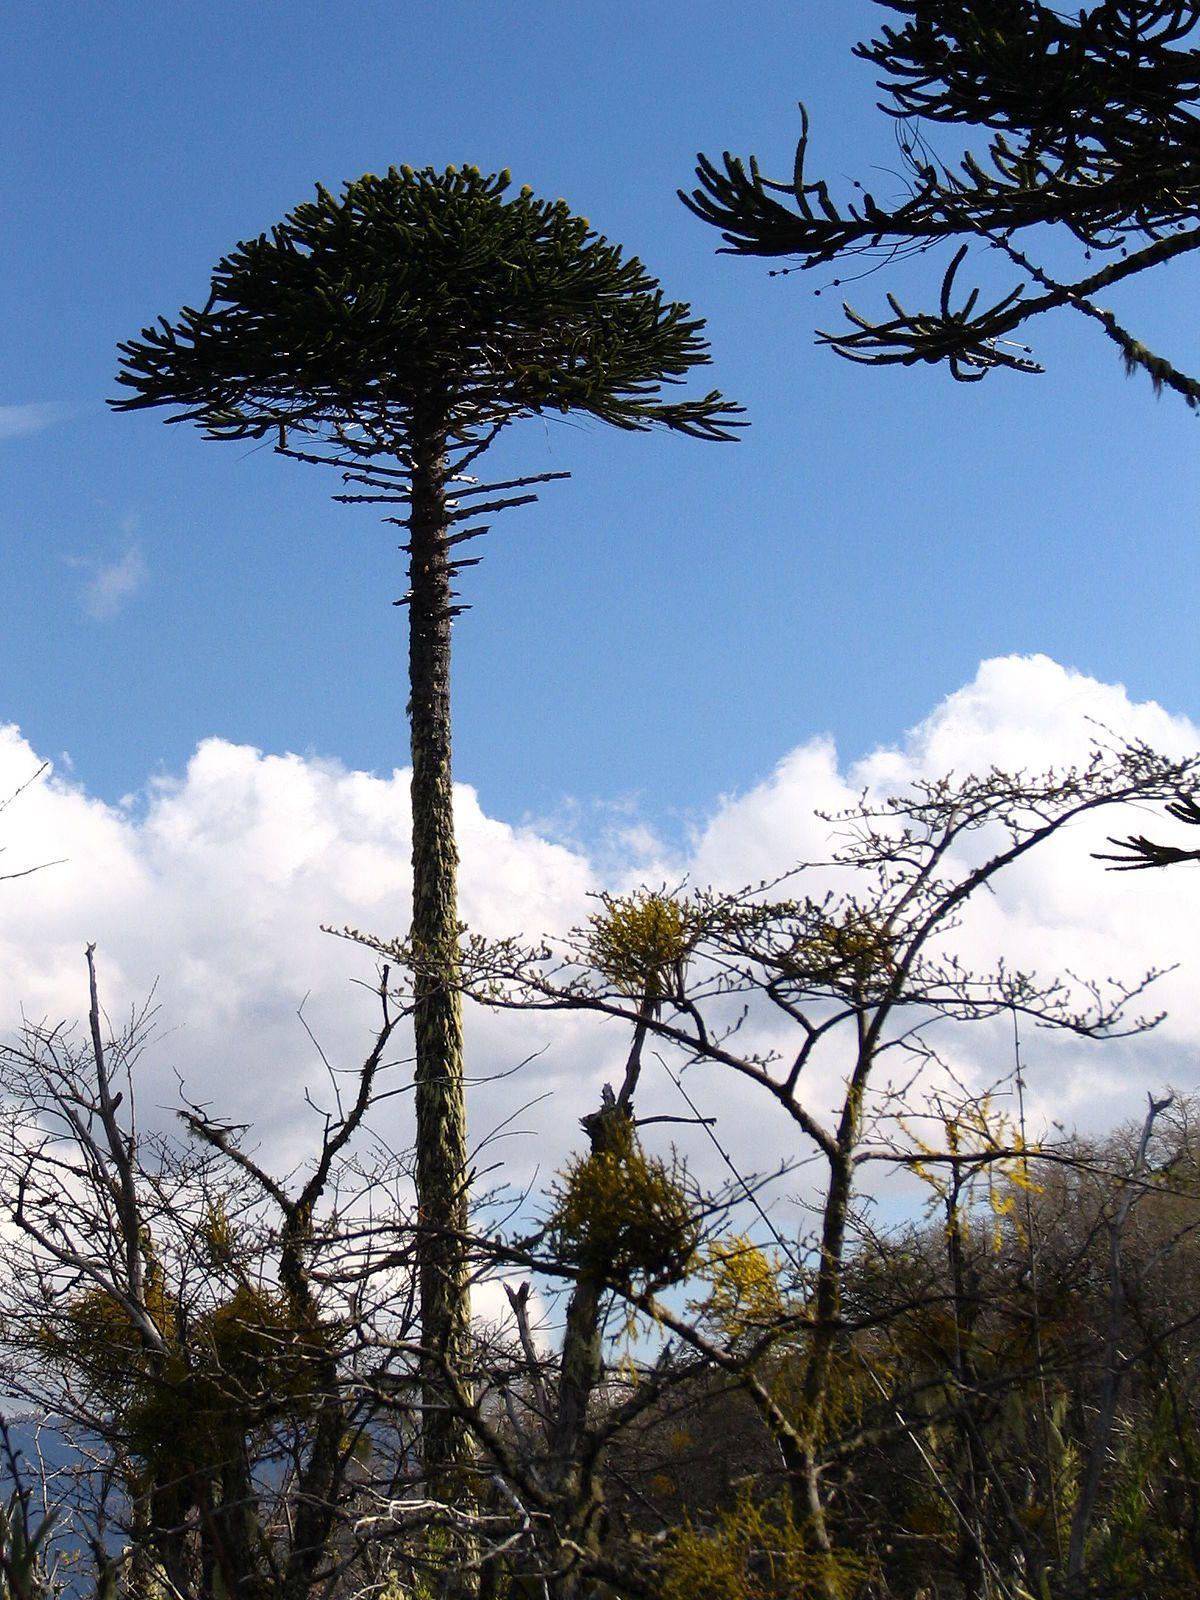 Araucaria araucana Wikipedia Monkey puzzle tree